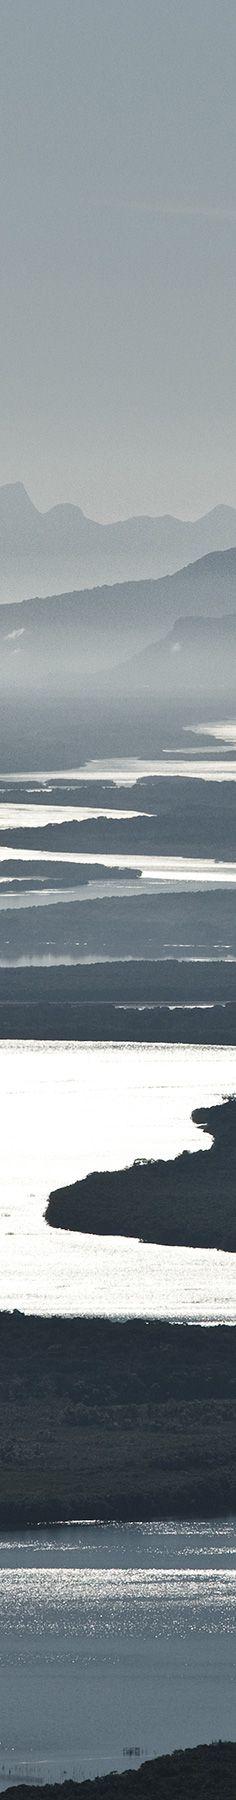 World Water Day - Dia Mundial da Água: Montanhas, rio, mangue e mata atlântica em Ilha Comprida, litoral de São Paulo.